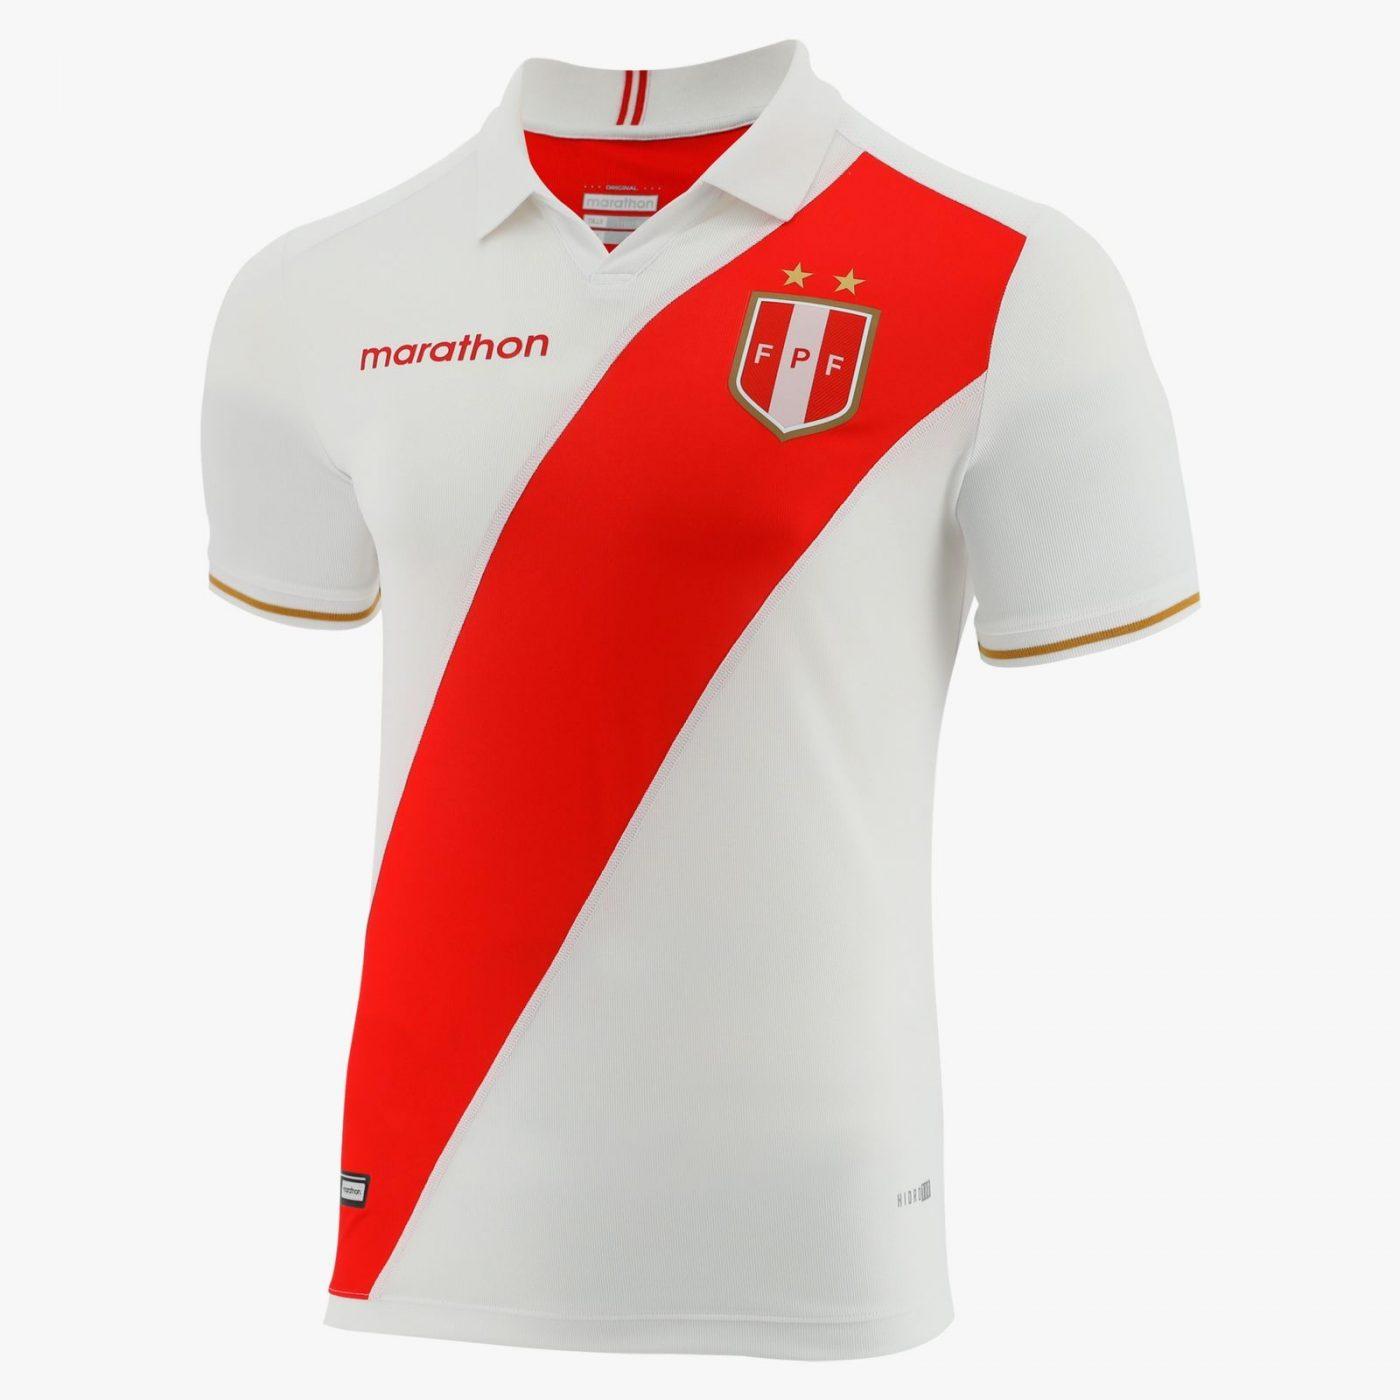 maillot-domicile-perou-2019-copa-america-2019